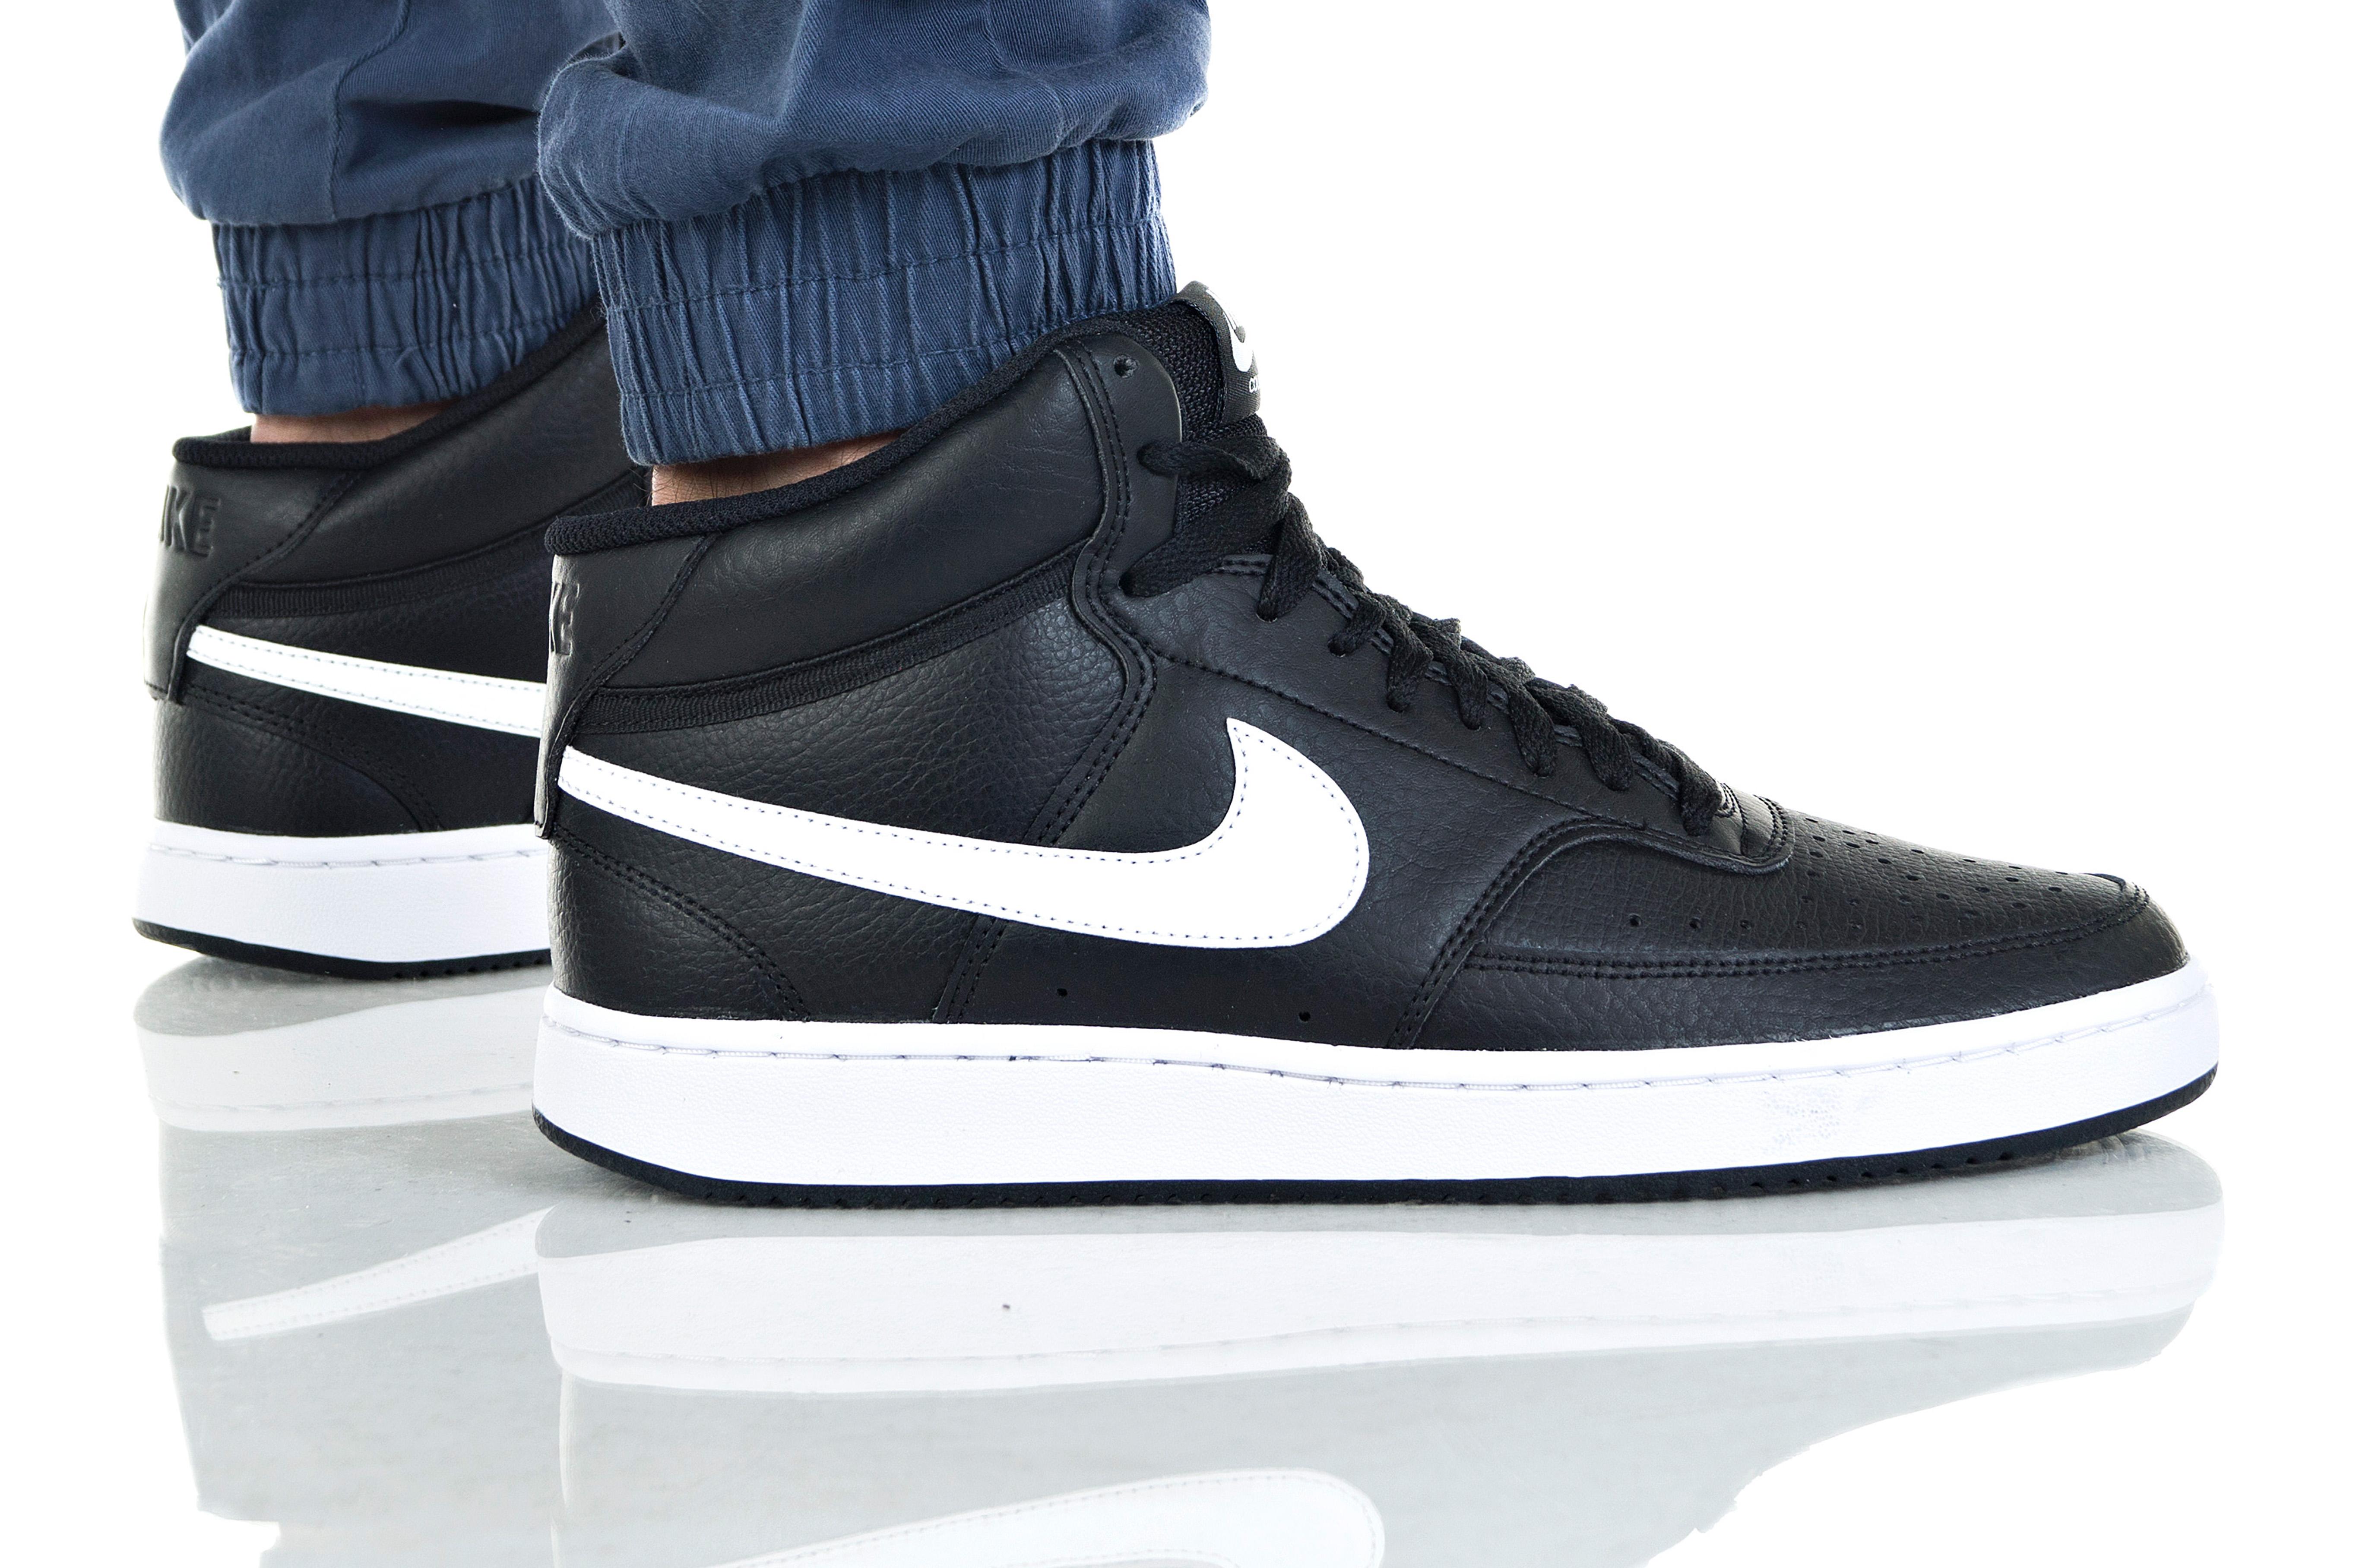 נעליים נייק לגברים Nike COURT VISION MID - שחור